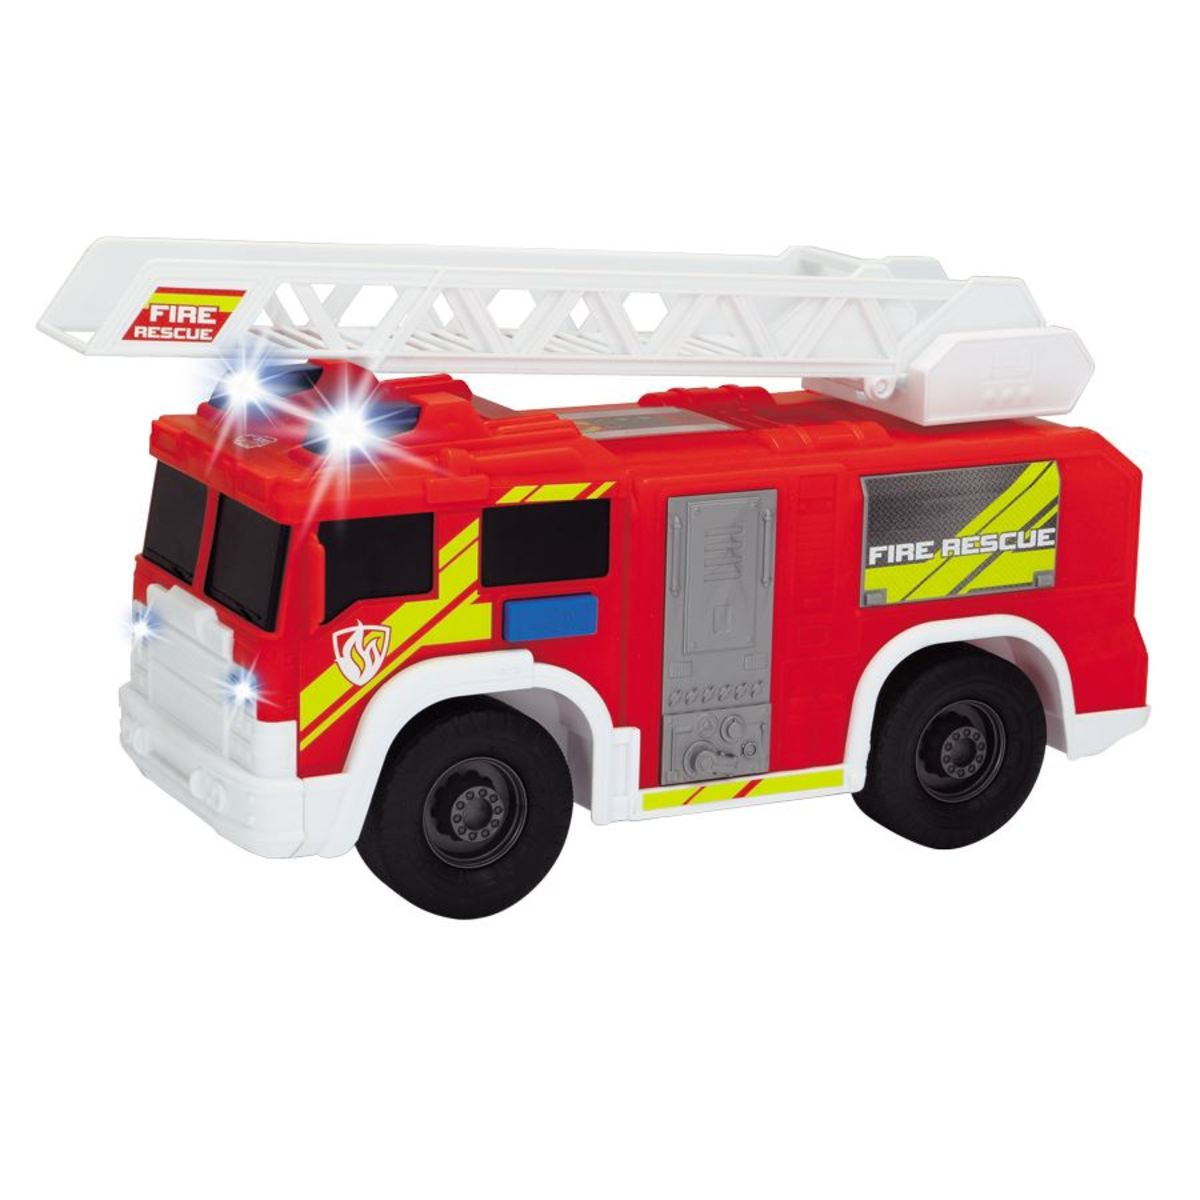 Bild 2 von Dickie Toys Feuerwehrauto Fire Rescue Unit